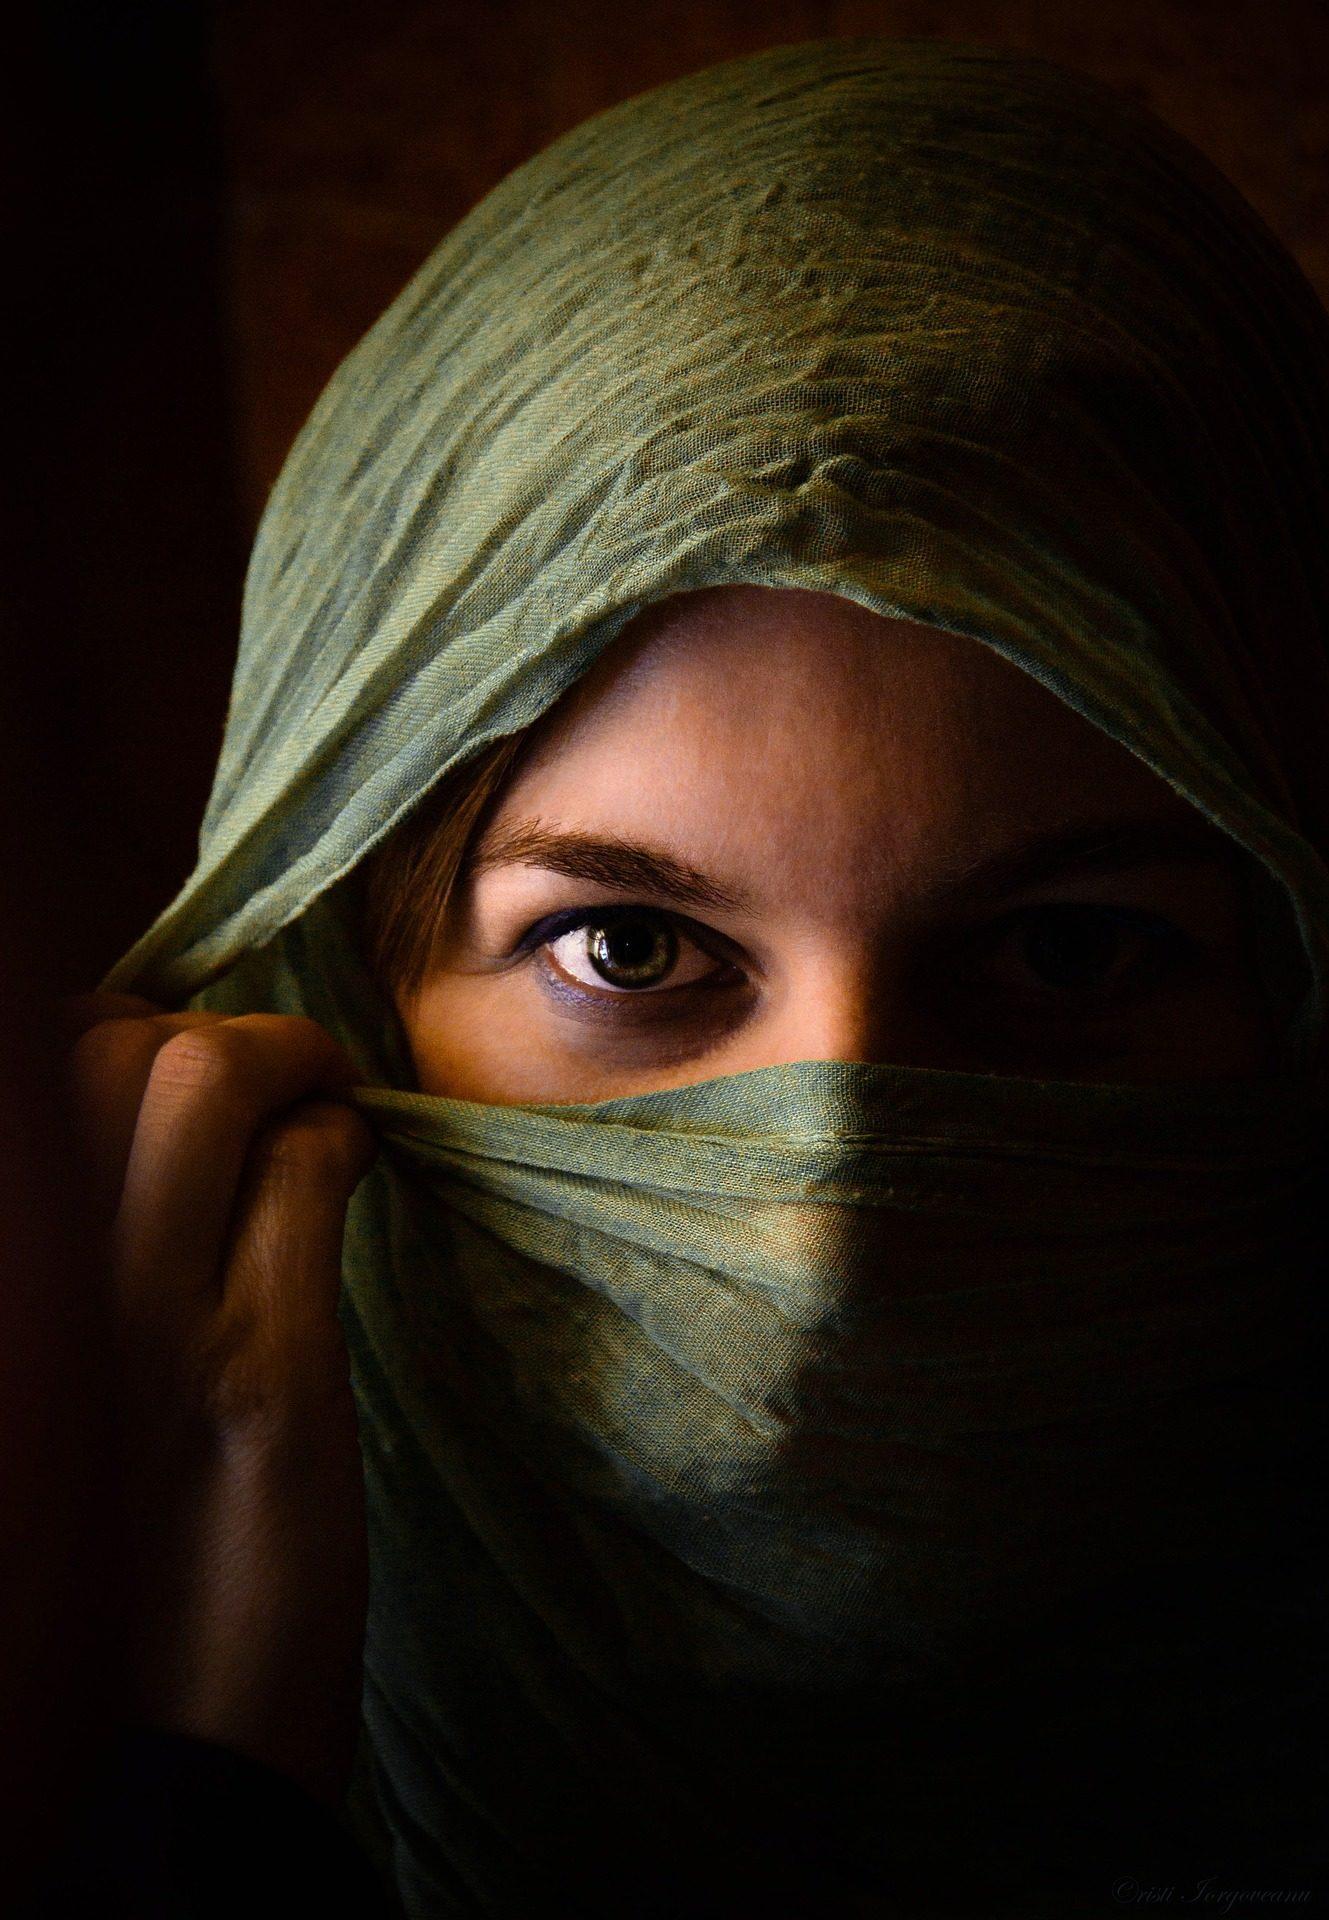 女人, 眼睛, 面纱, 围巾, 看看 - 高清壁纸 - 教授-falken.com